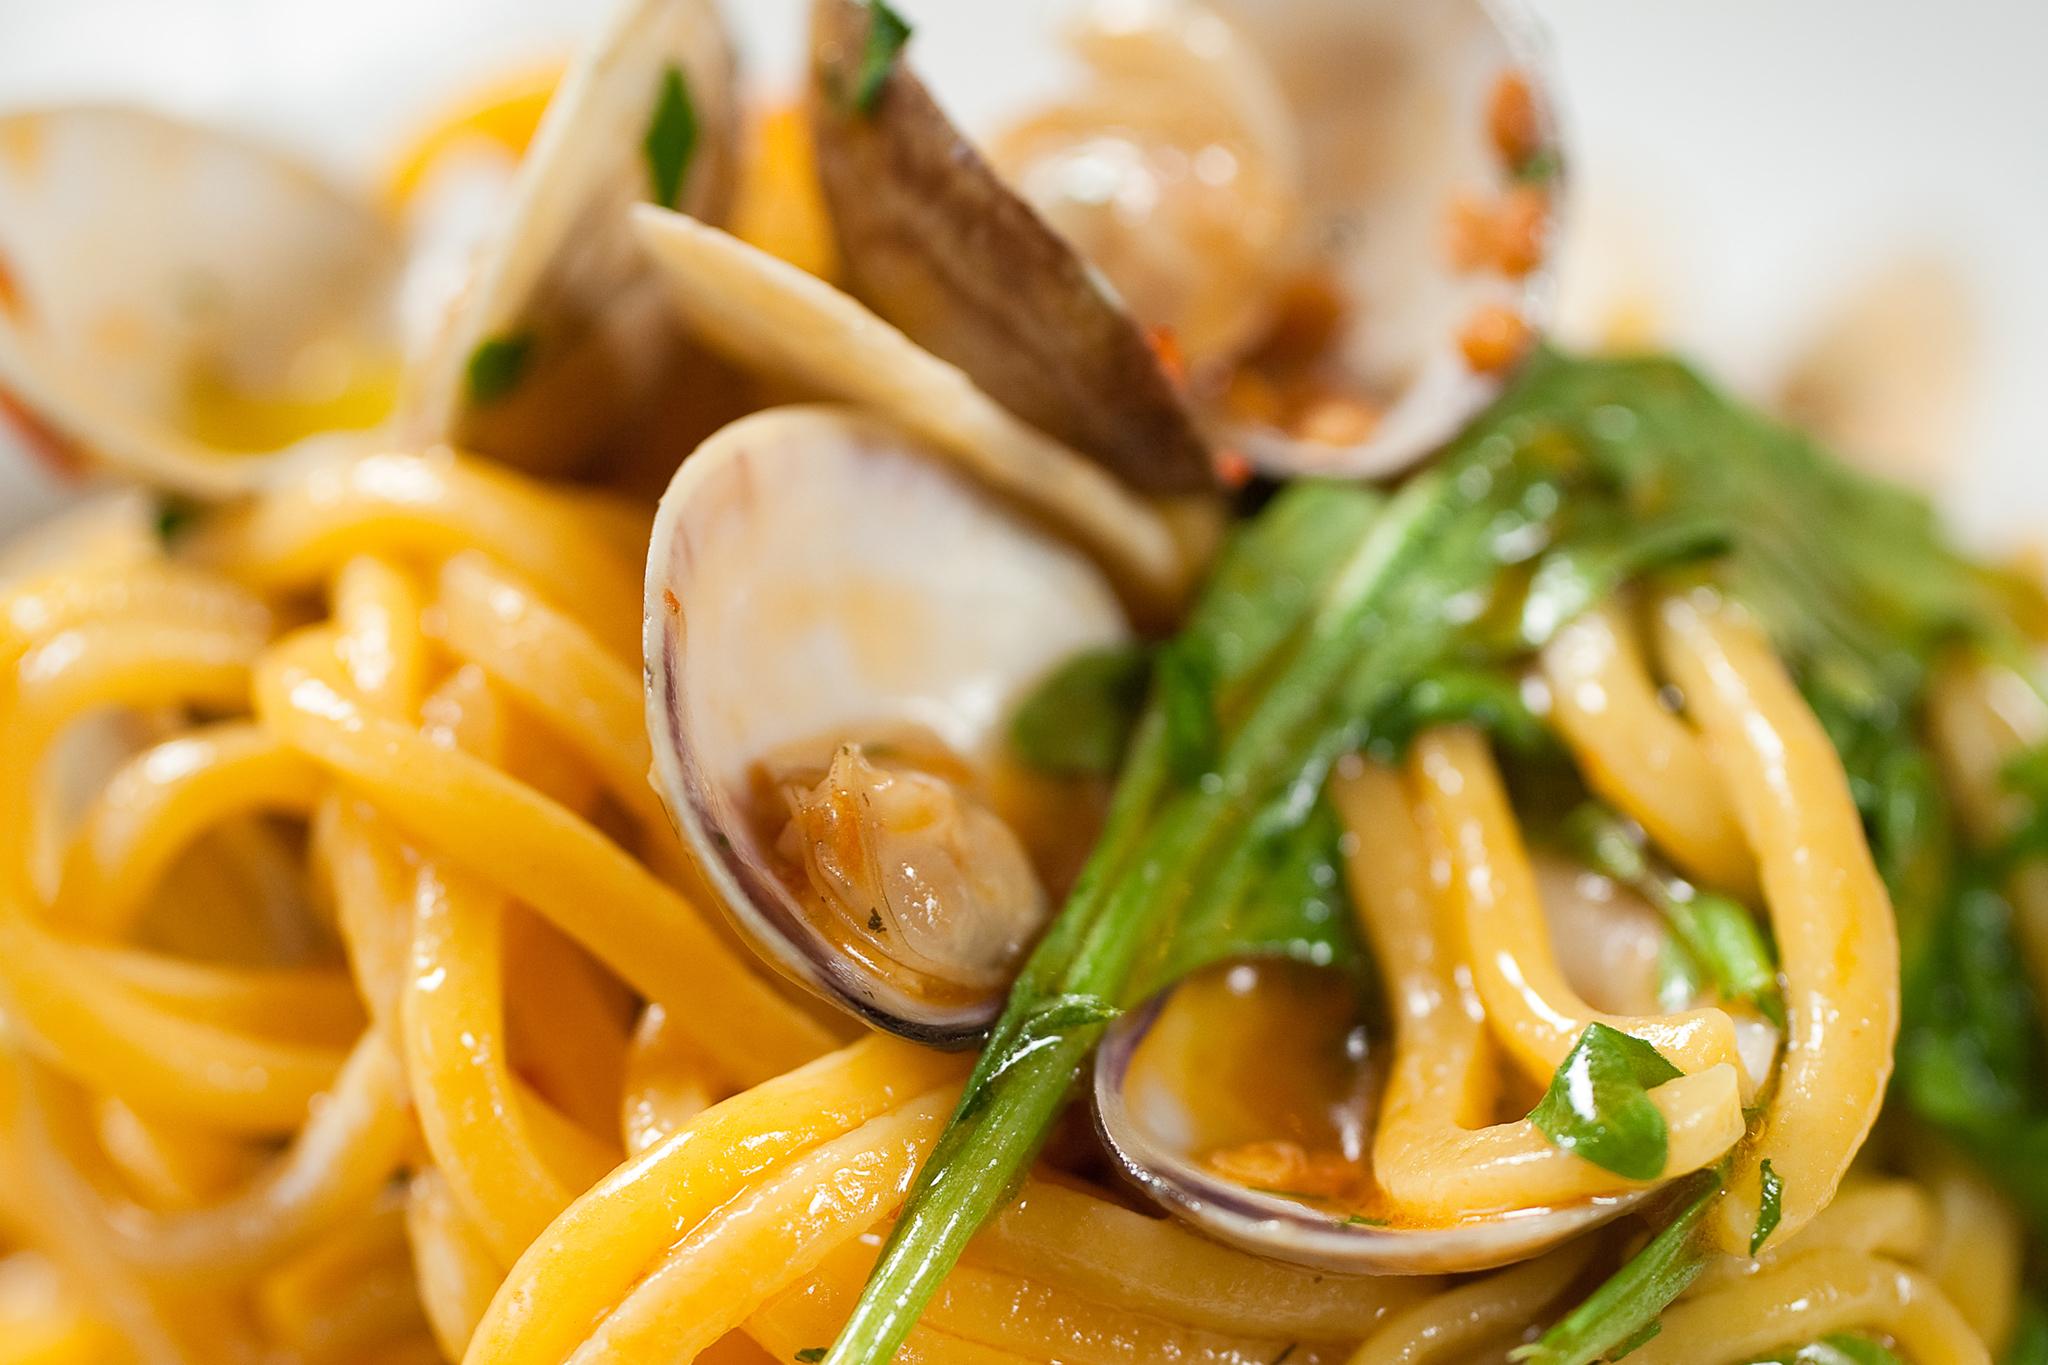 Spaghetti alle vongole at Macchialina